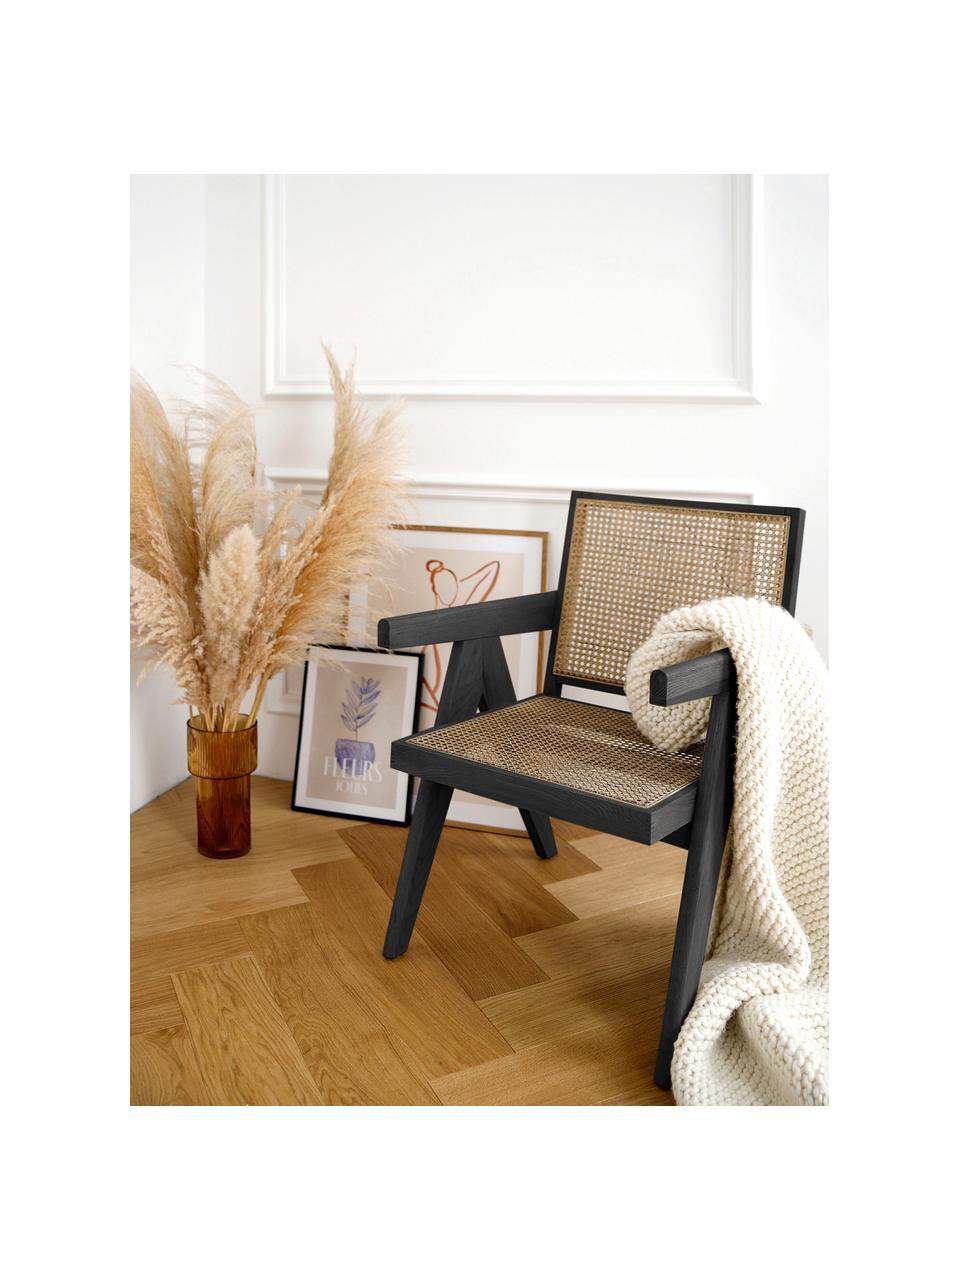 Fotel wypoczynkowy z plecionką wiedeńską Sissi, Stelaż: drewno bukowe, lakierowan, Czarny, beżowy, S 58 x G 66 cm